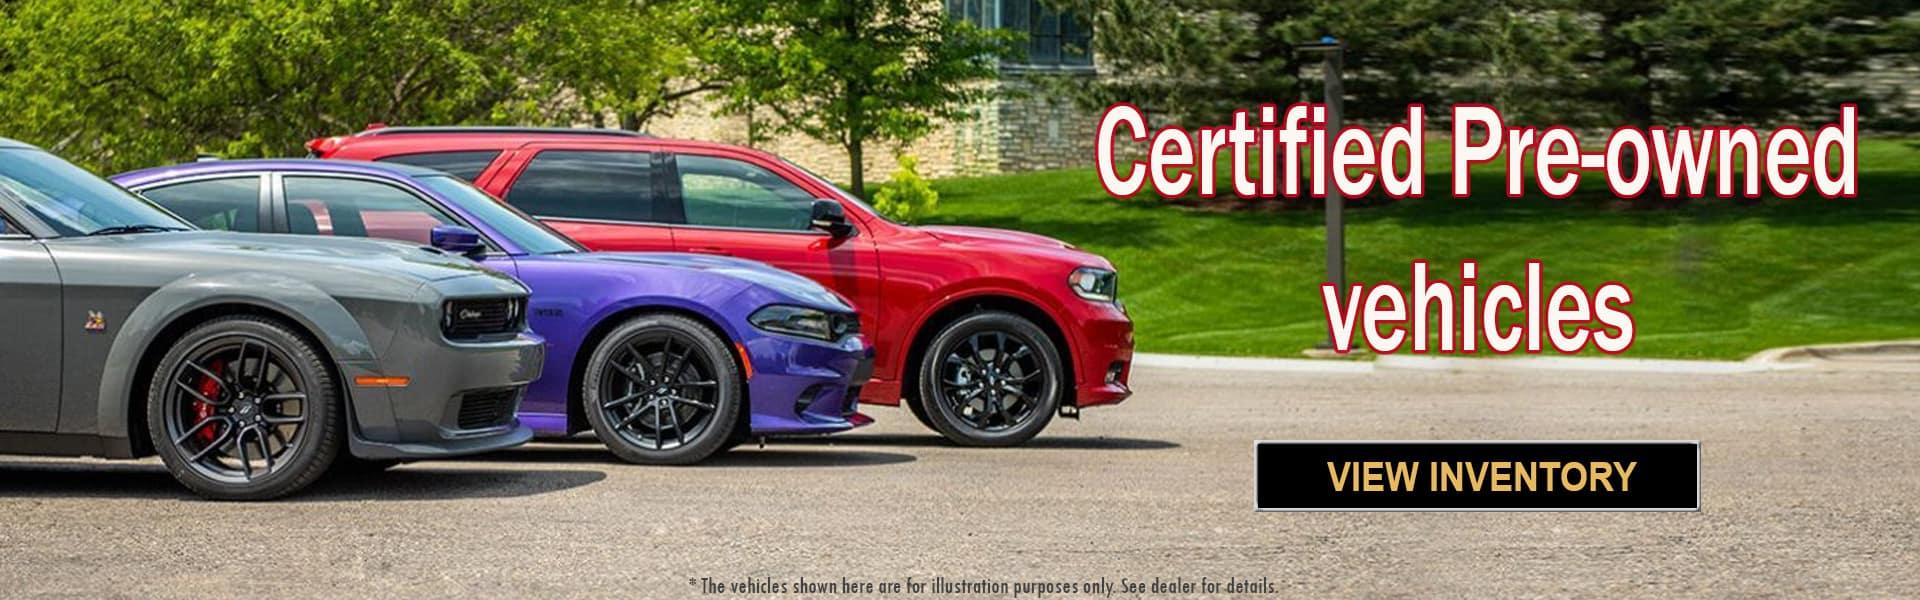 Certified-Pre-owned-slide-mar21